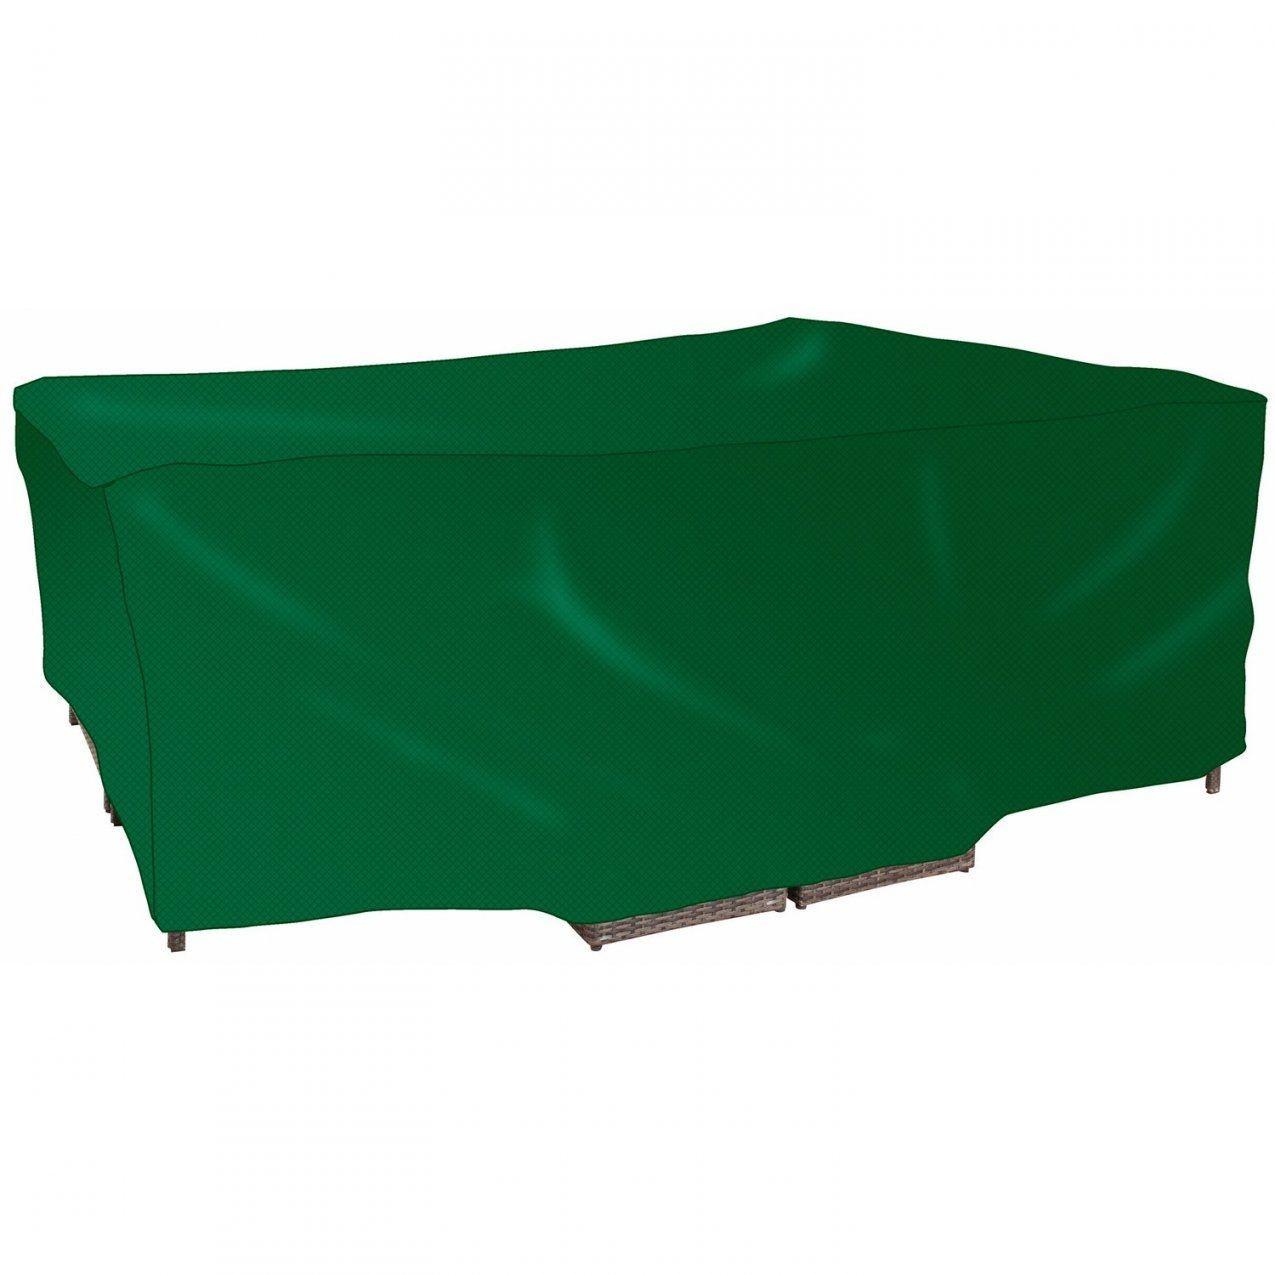 Schutzhüllen Kaufen Bei Obi  Obich von Schutzhülle Gartentisch Rechteckig 150X90 Bild